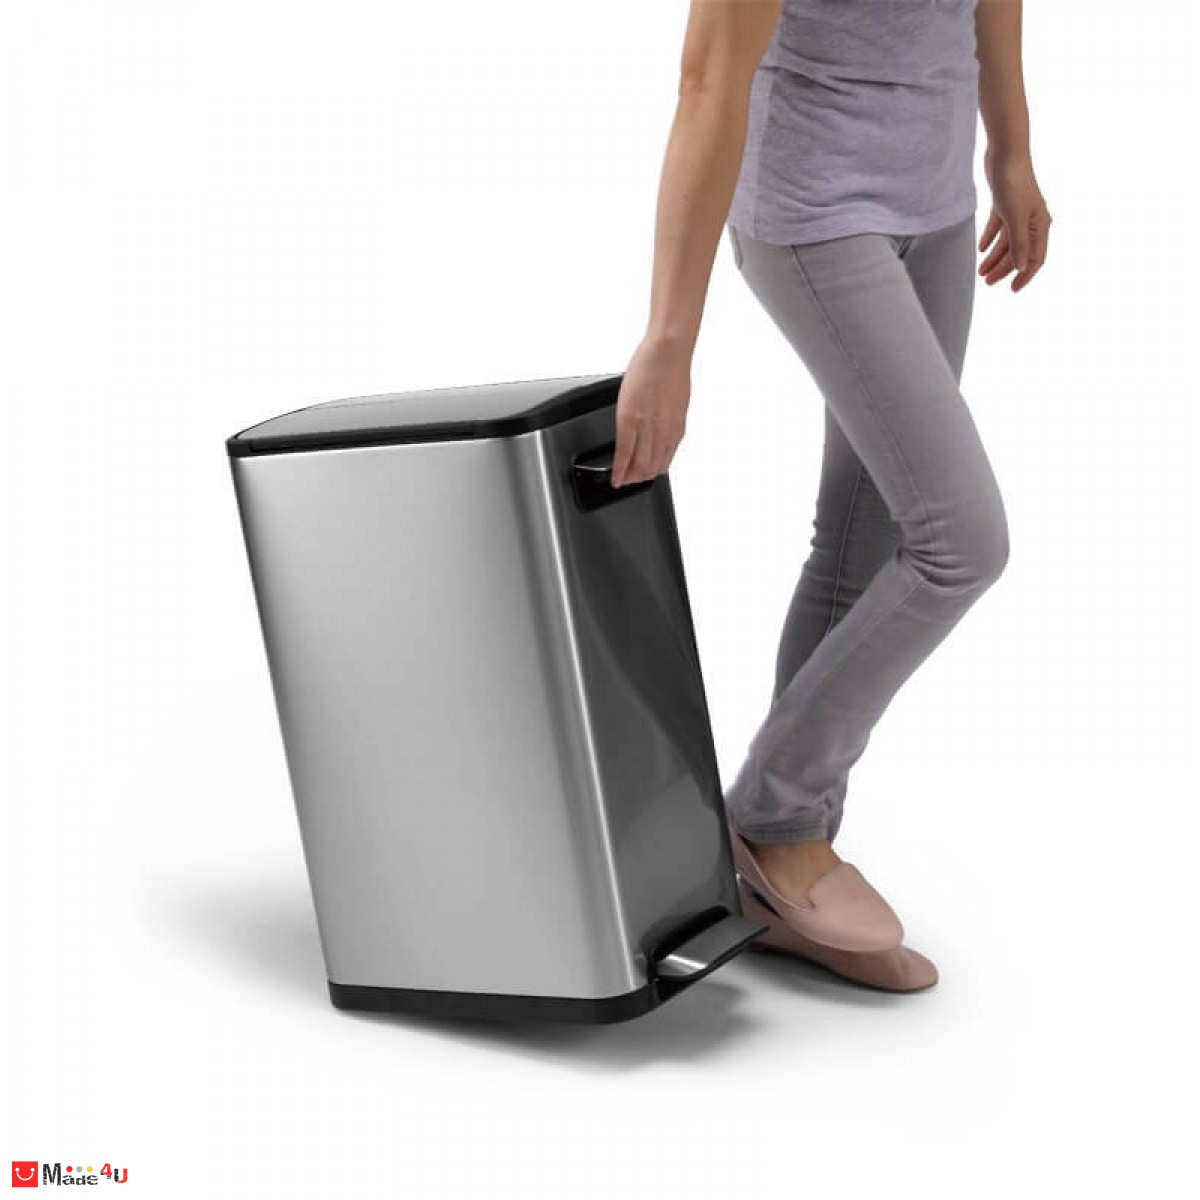 Иновативен кош за отпадъци с две крила и педал - обем 20 литра, модел ECOFLY мат, марка ЕКО